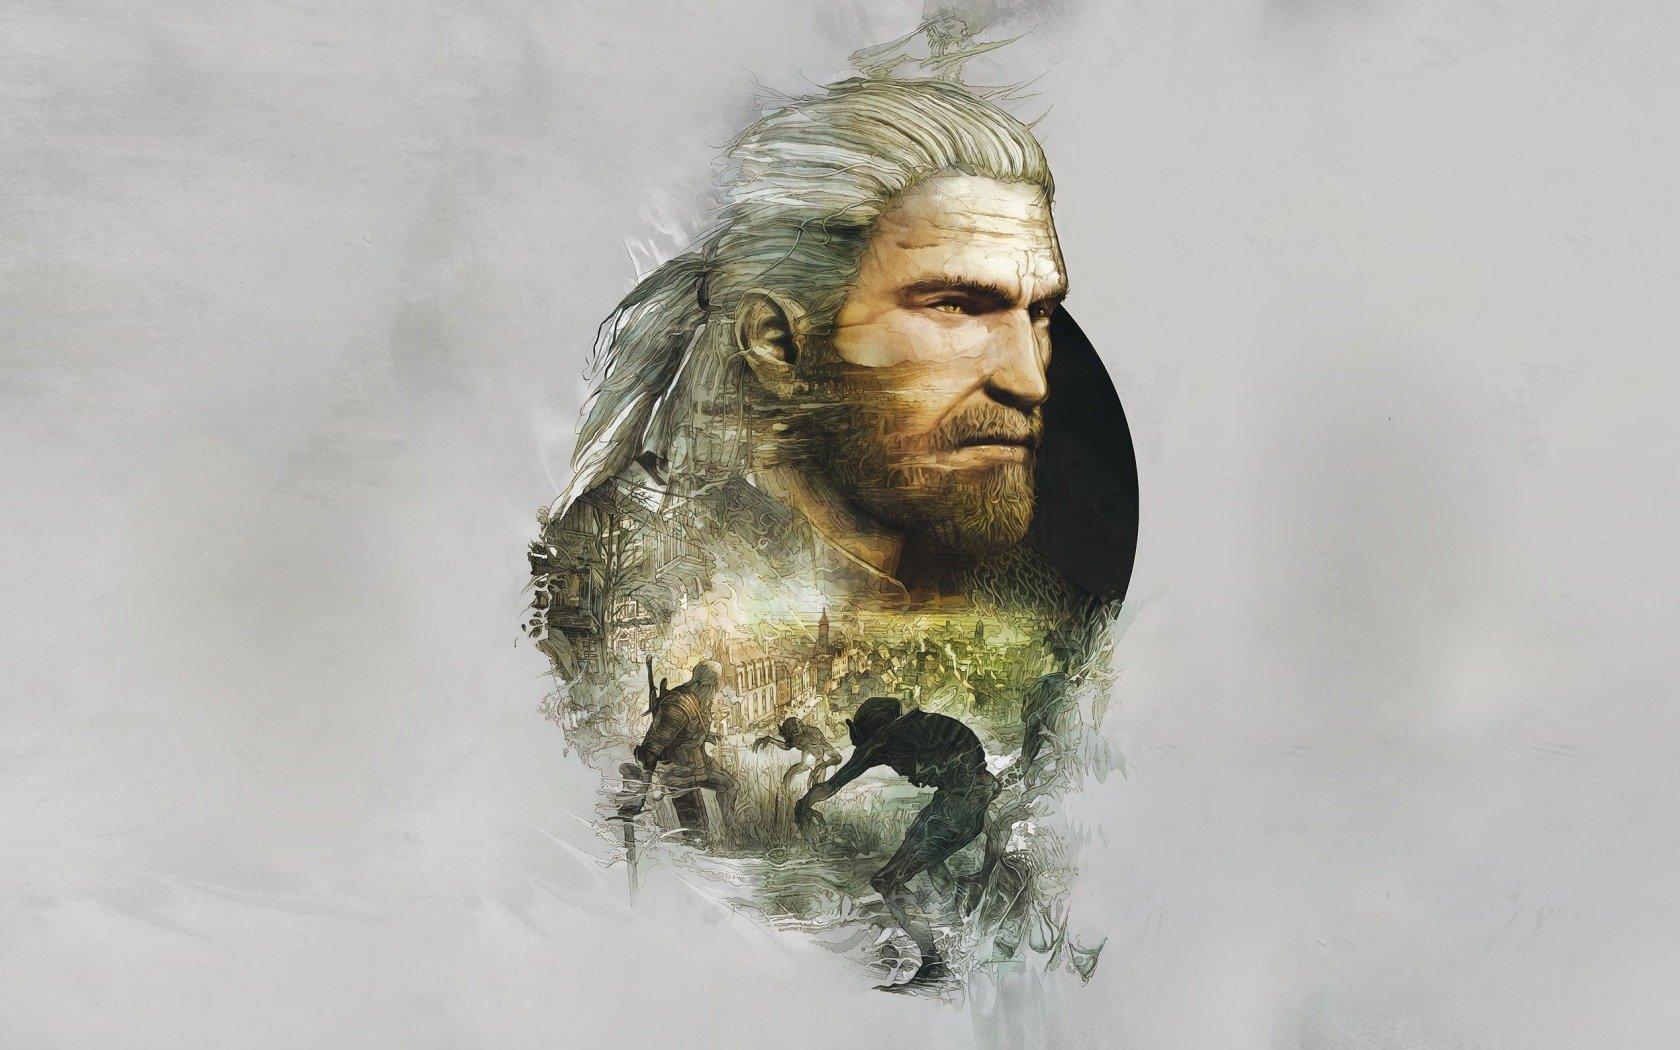 The Witcher 3: Wild Hunt. Видеоинтервью с Дэмианом Монье.   В общем интервью не самое главное, тем более перевода не ... - Изображение 1